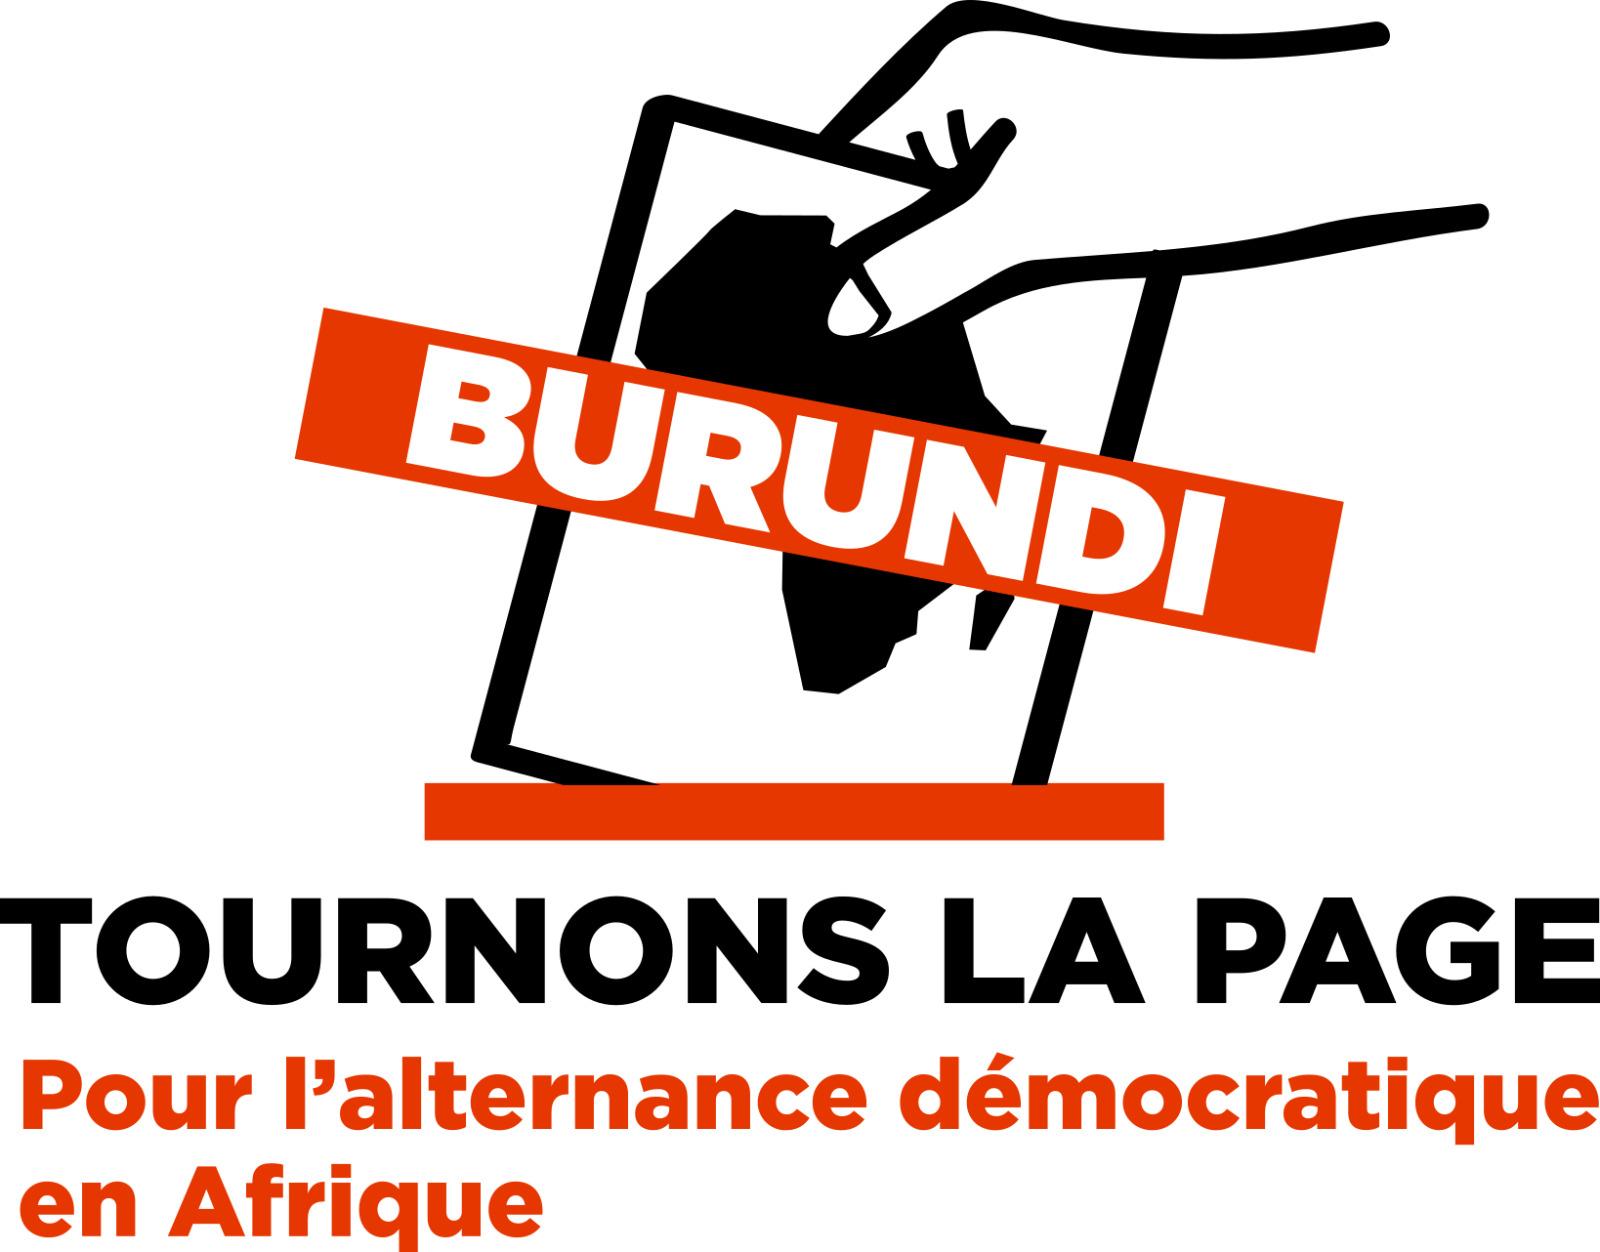 ANALYSE : selon le coordonnateur de Tournons la page-Burundi, le pouvoir du CNDD-FDD a peur que l'Eglise catholique du Burundi ne s'investisse davantage dans l'observation des élections comme ce fut le cas en RDC.